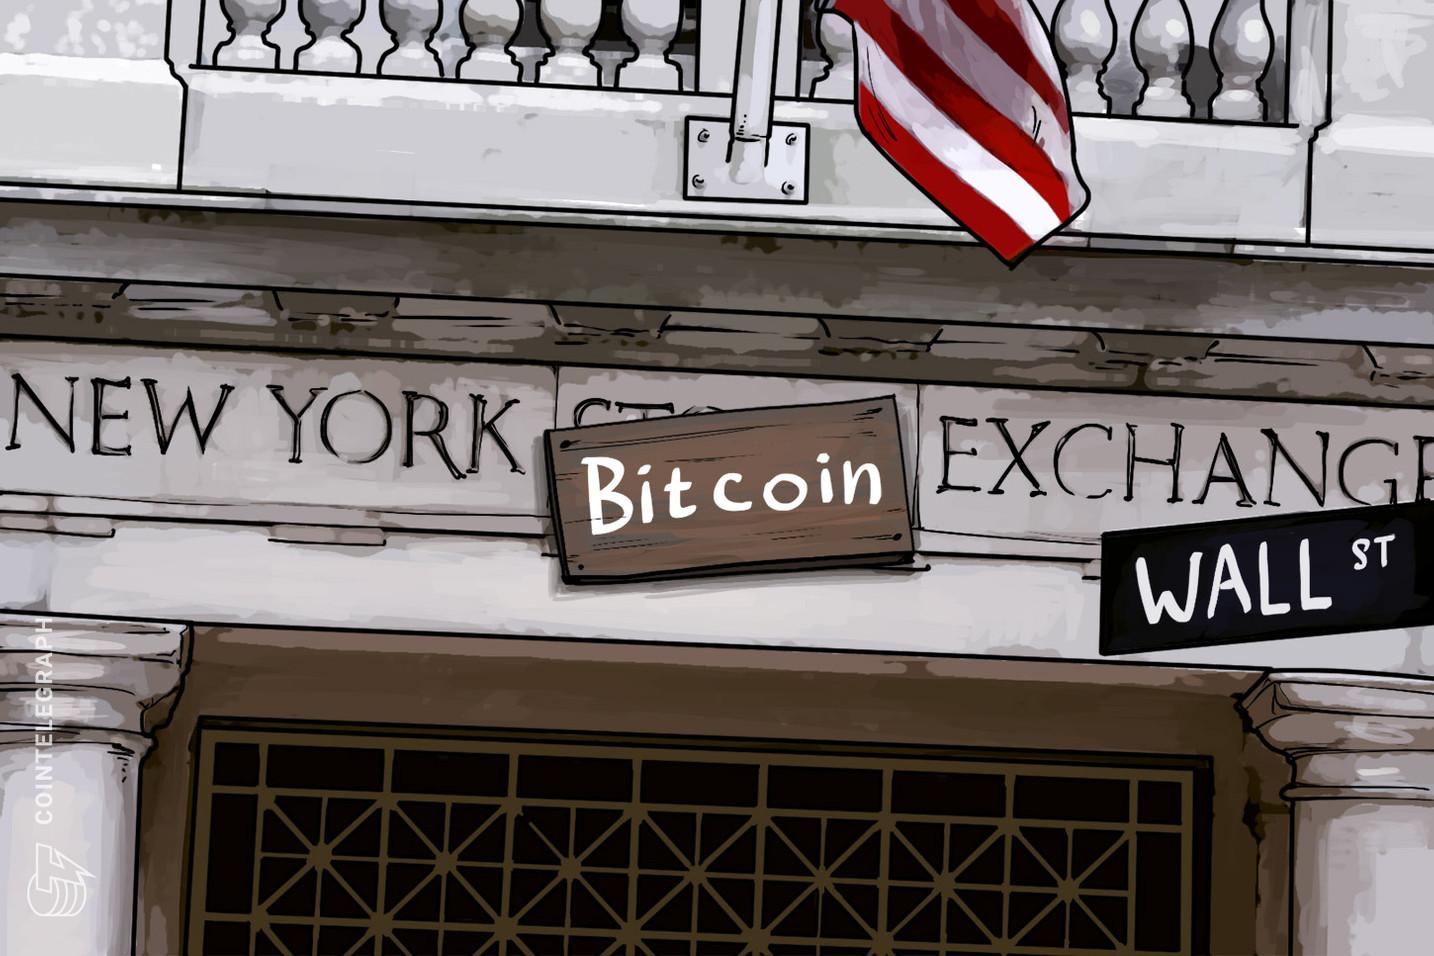 La mancanza di ETN tiene Wall Street lontana dal Bitcoin, lo sostiene l'analista del CBOE Ed Tilly